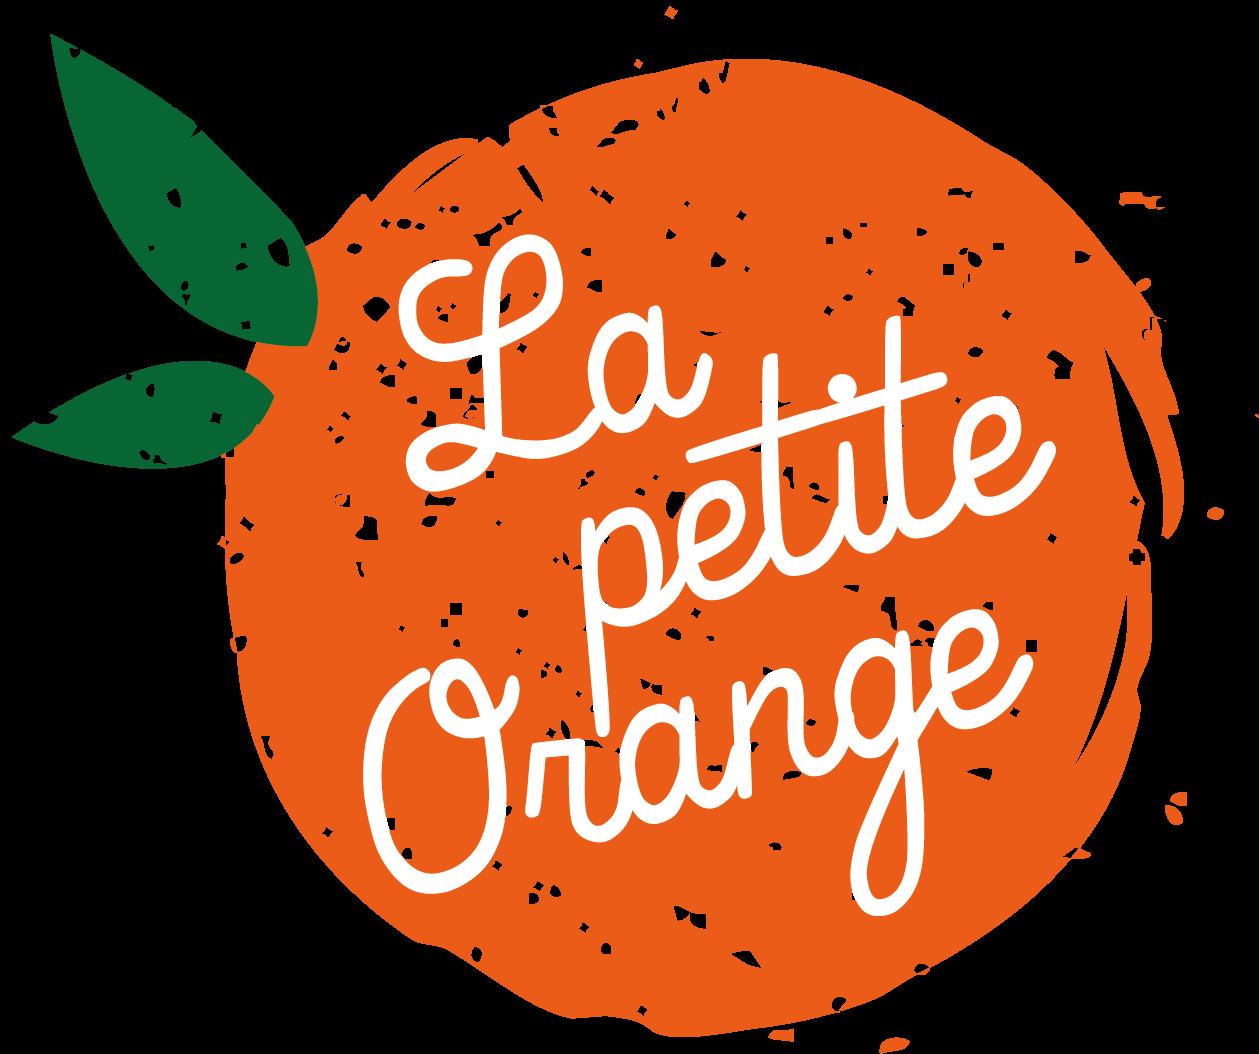 La petite Orange